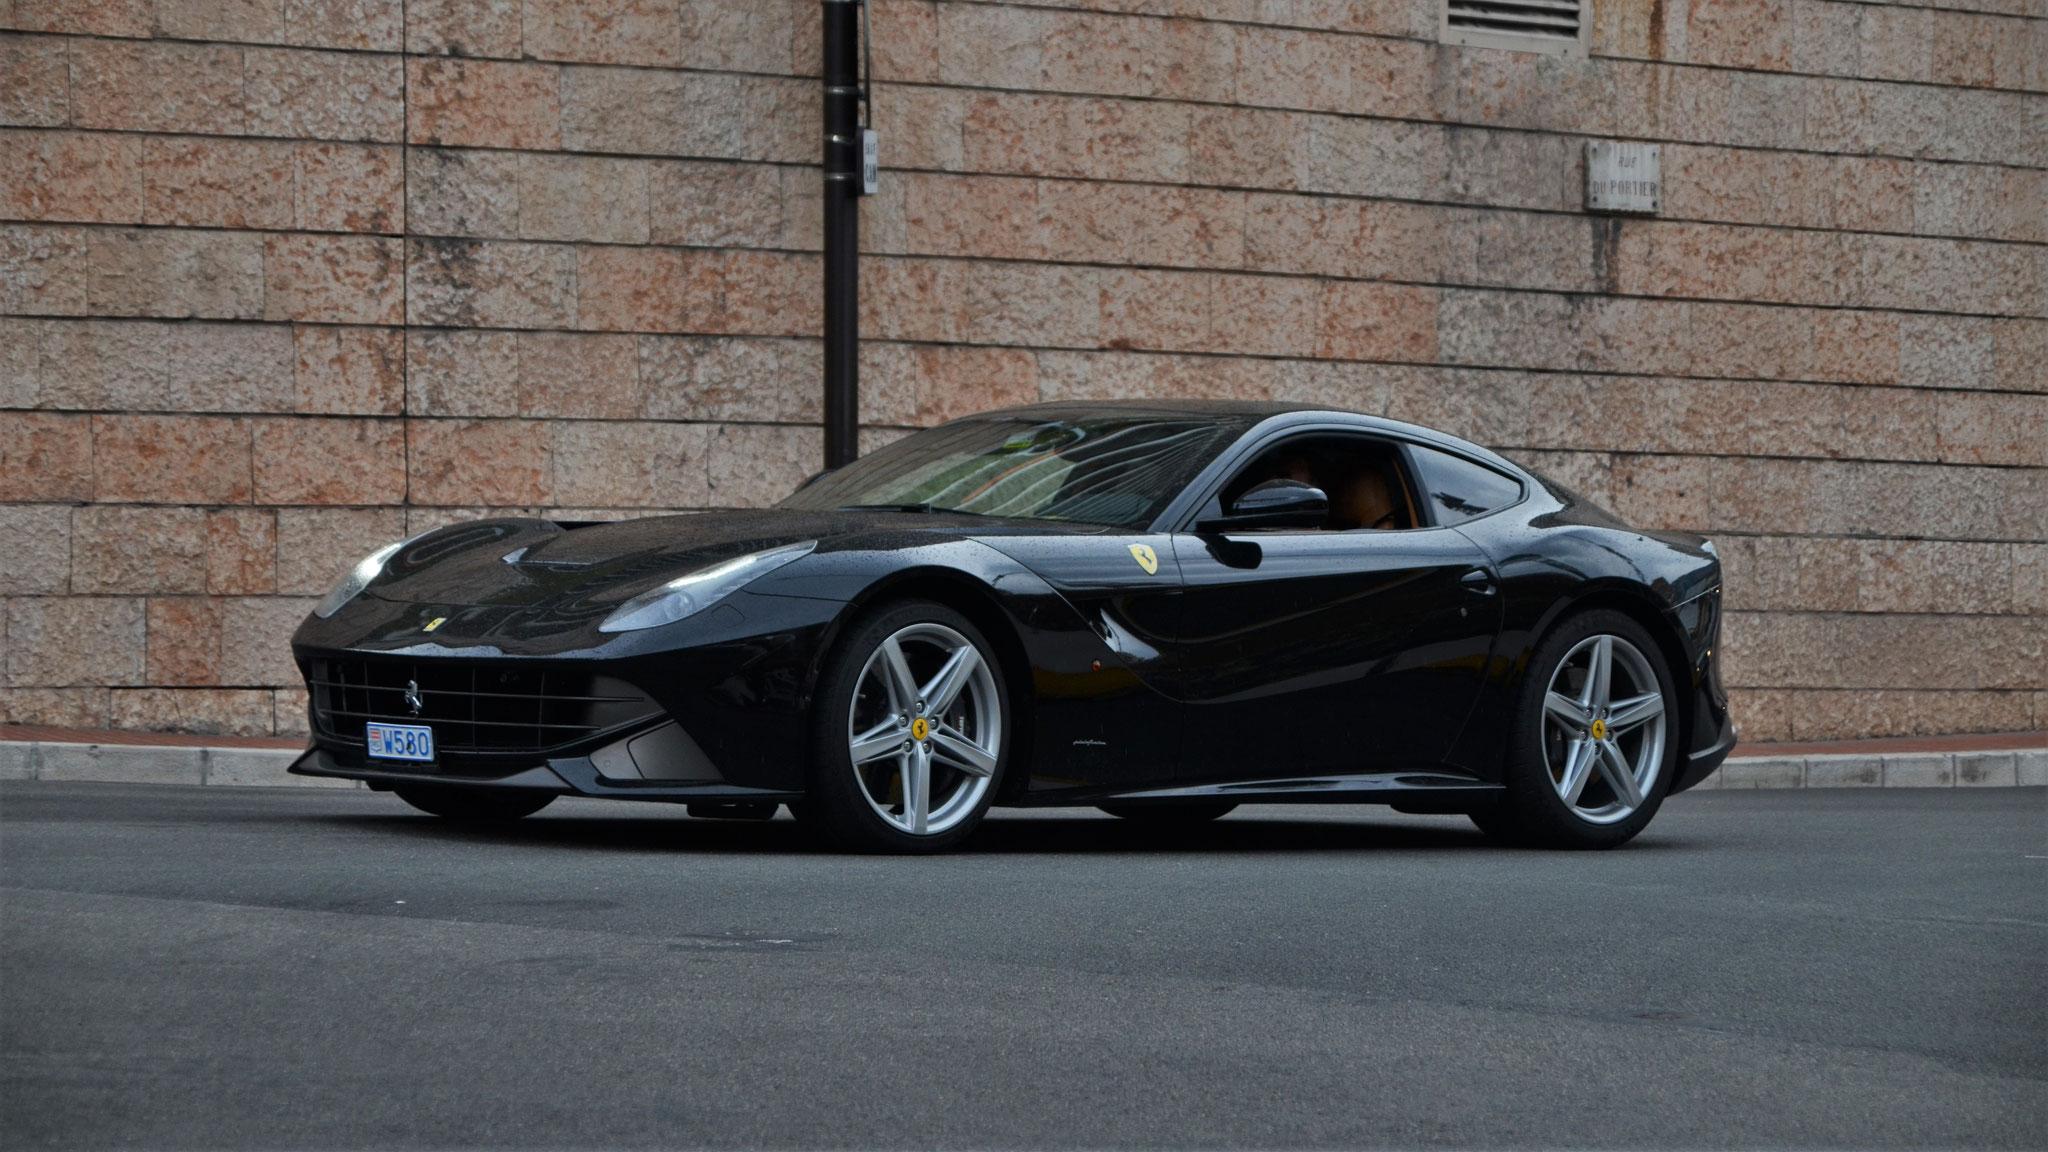 Ferrari F12 Berlinetta - W580 (MC)